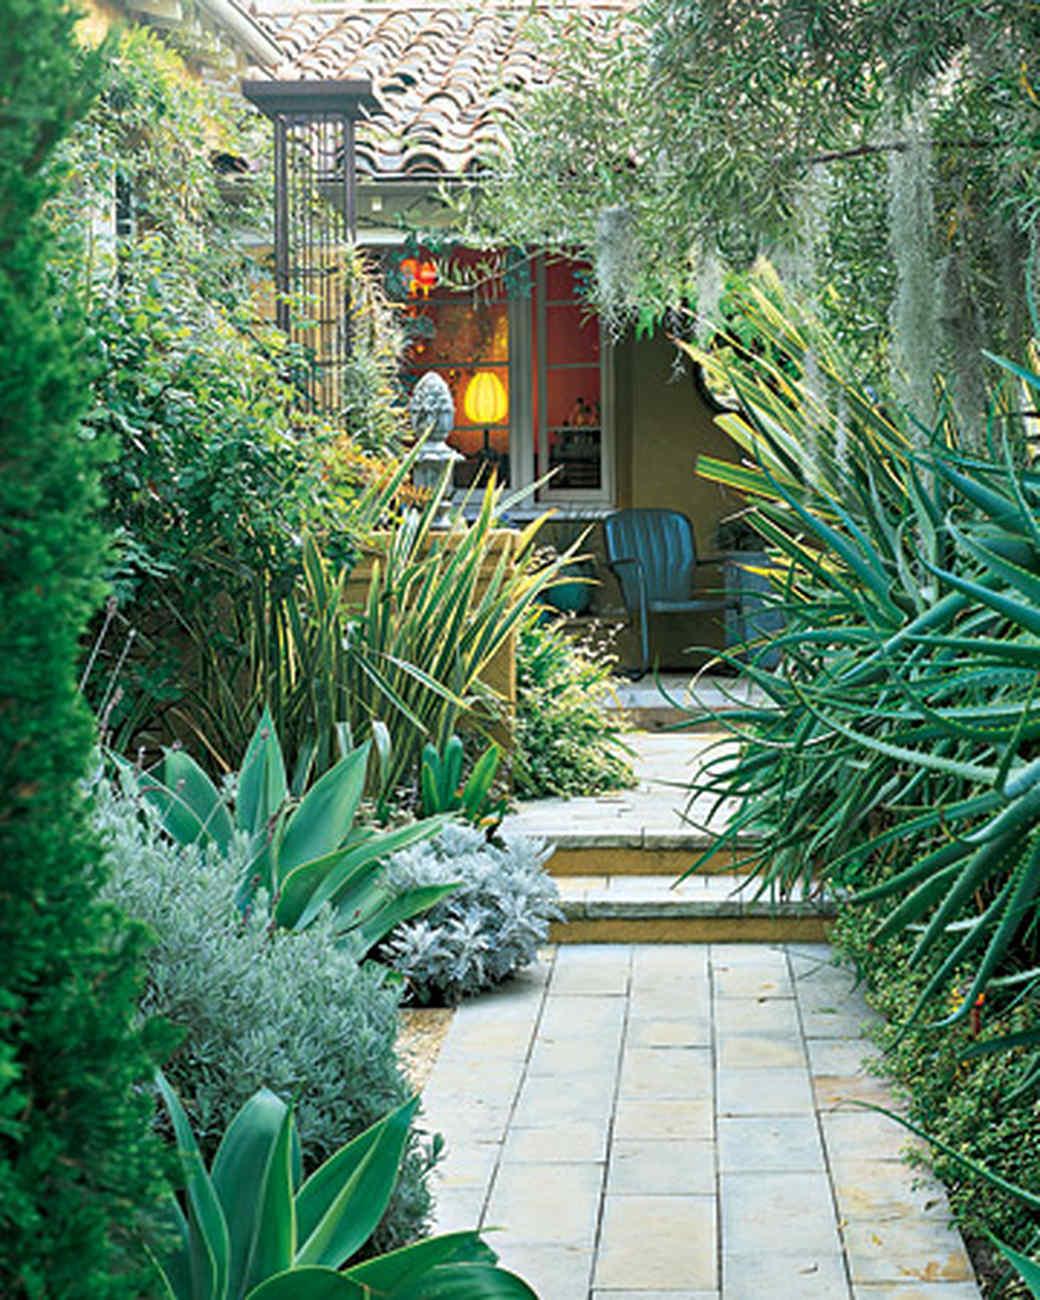 Garden Design Garden Design with How to Grow Herbs Planet Natural